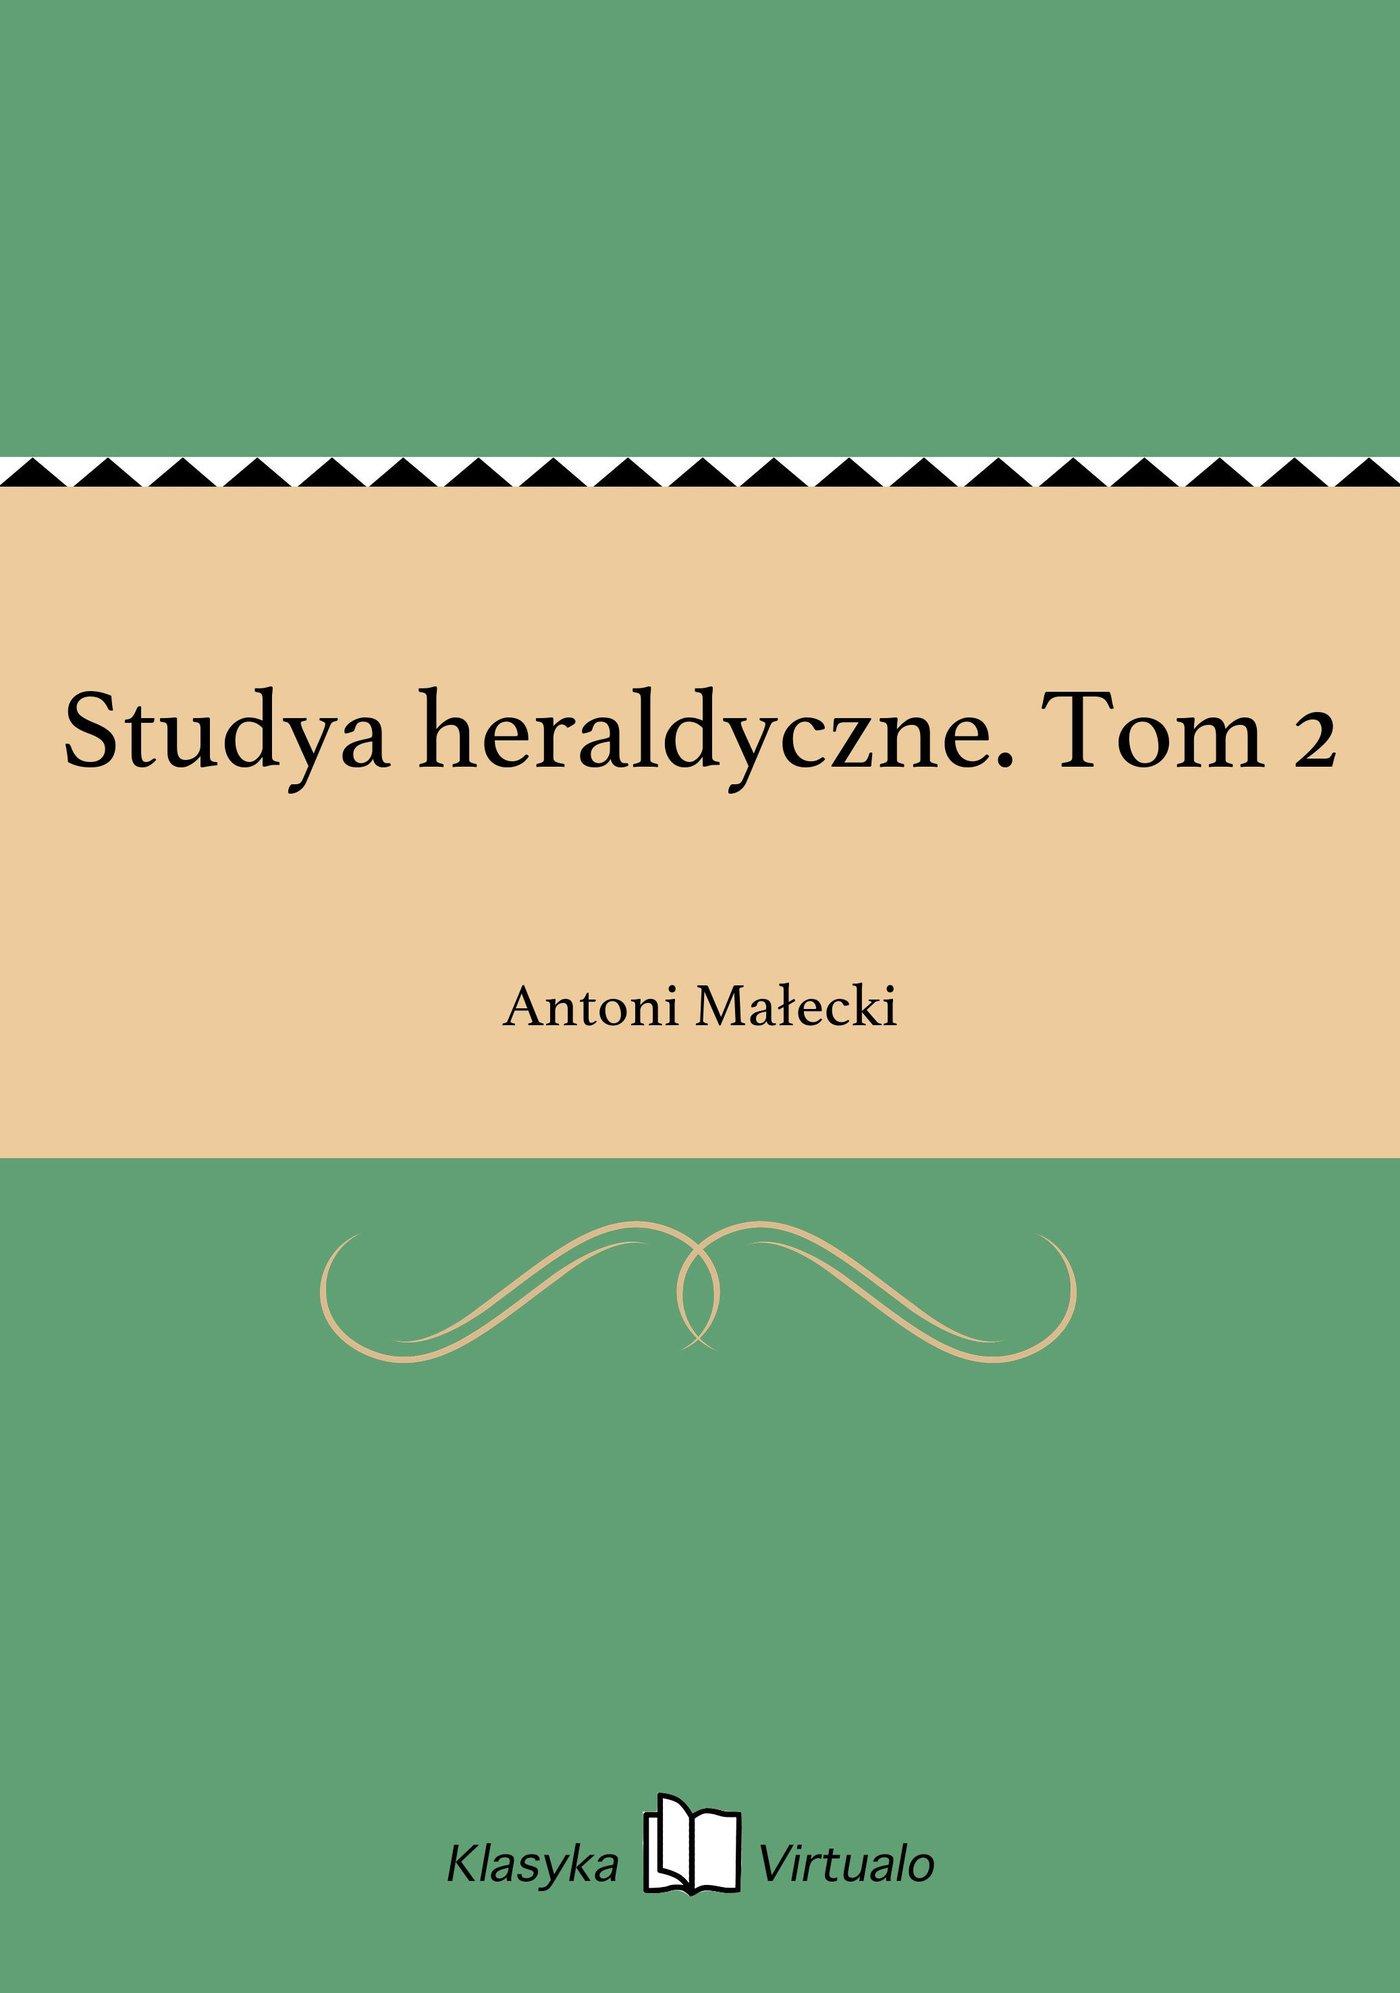 Studya heraldyczne. Tom 2 - Ebook (Książka EPUB) do pobrania w formacie EPUB